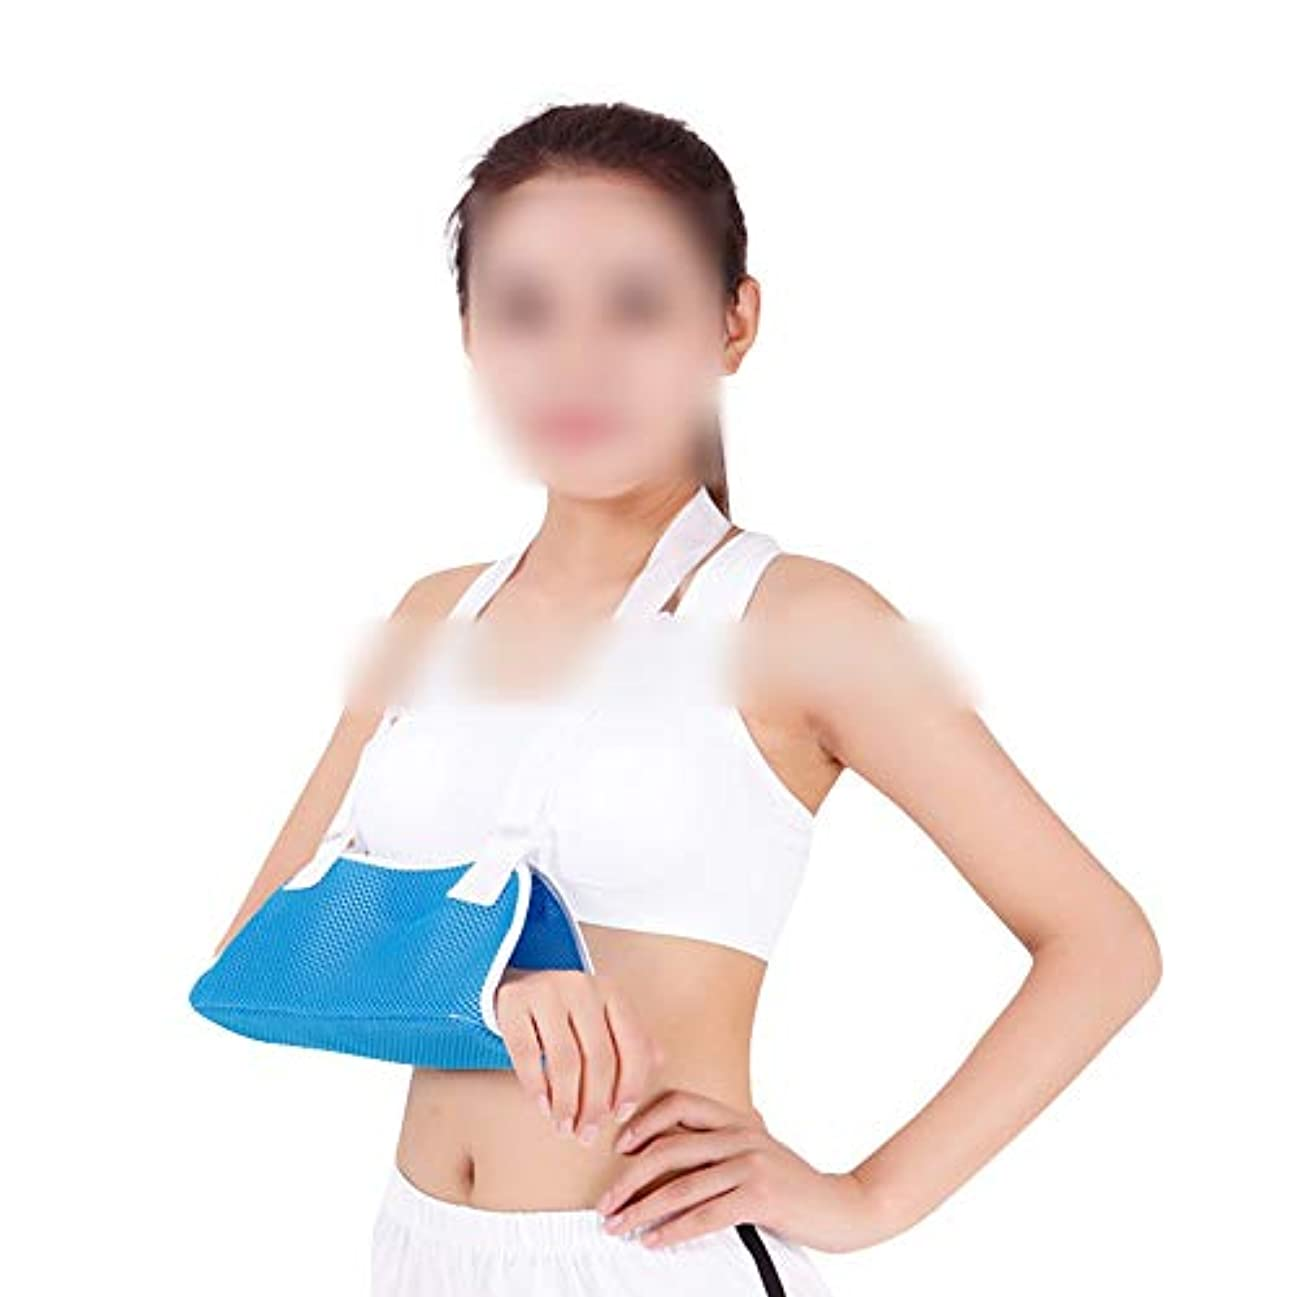 対話お尻アクチュエータZYL-YL 通気性の破壊アームスリング肘前腕スリング固定前腕肘関節固定装具装具のメッシュツール (色 : 黒)